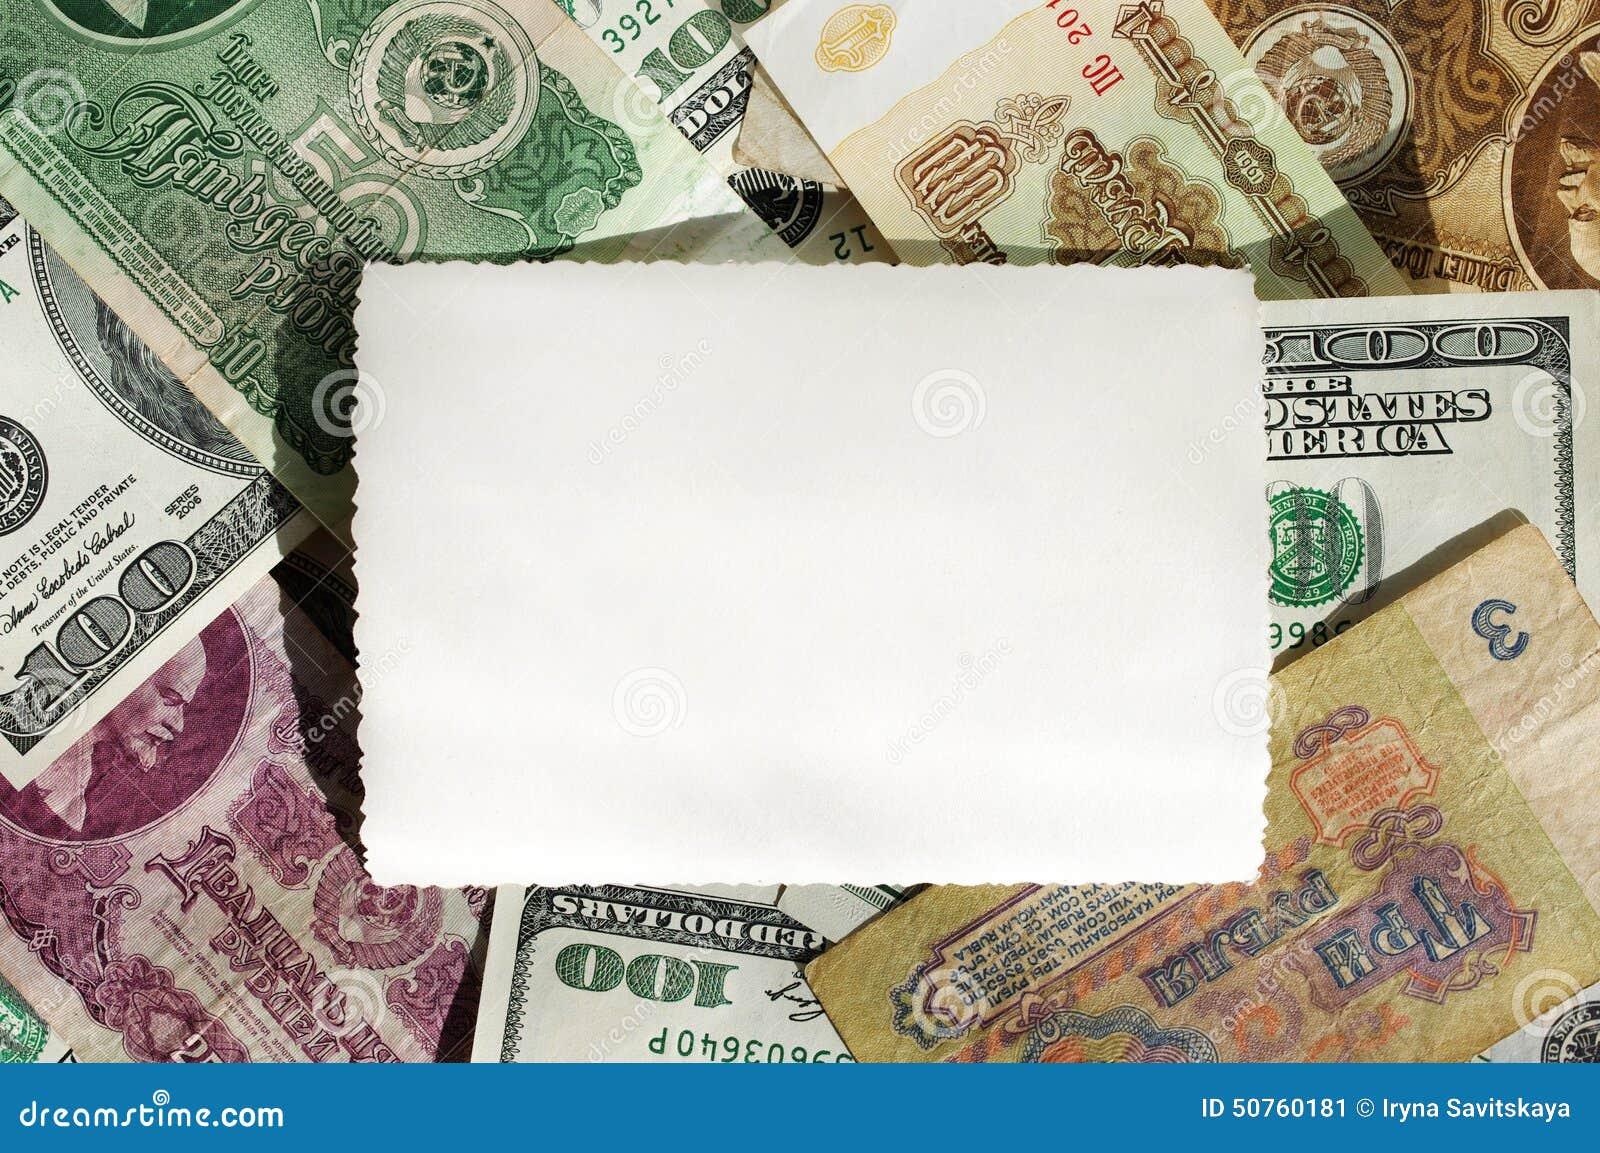 Υπόβαθρο από τα σοβιετικά τραπεζογραμμάτια ρουβλιών και εκατό-δολαρίων με μια κενή φωτογραφία